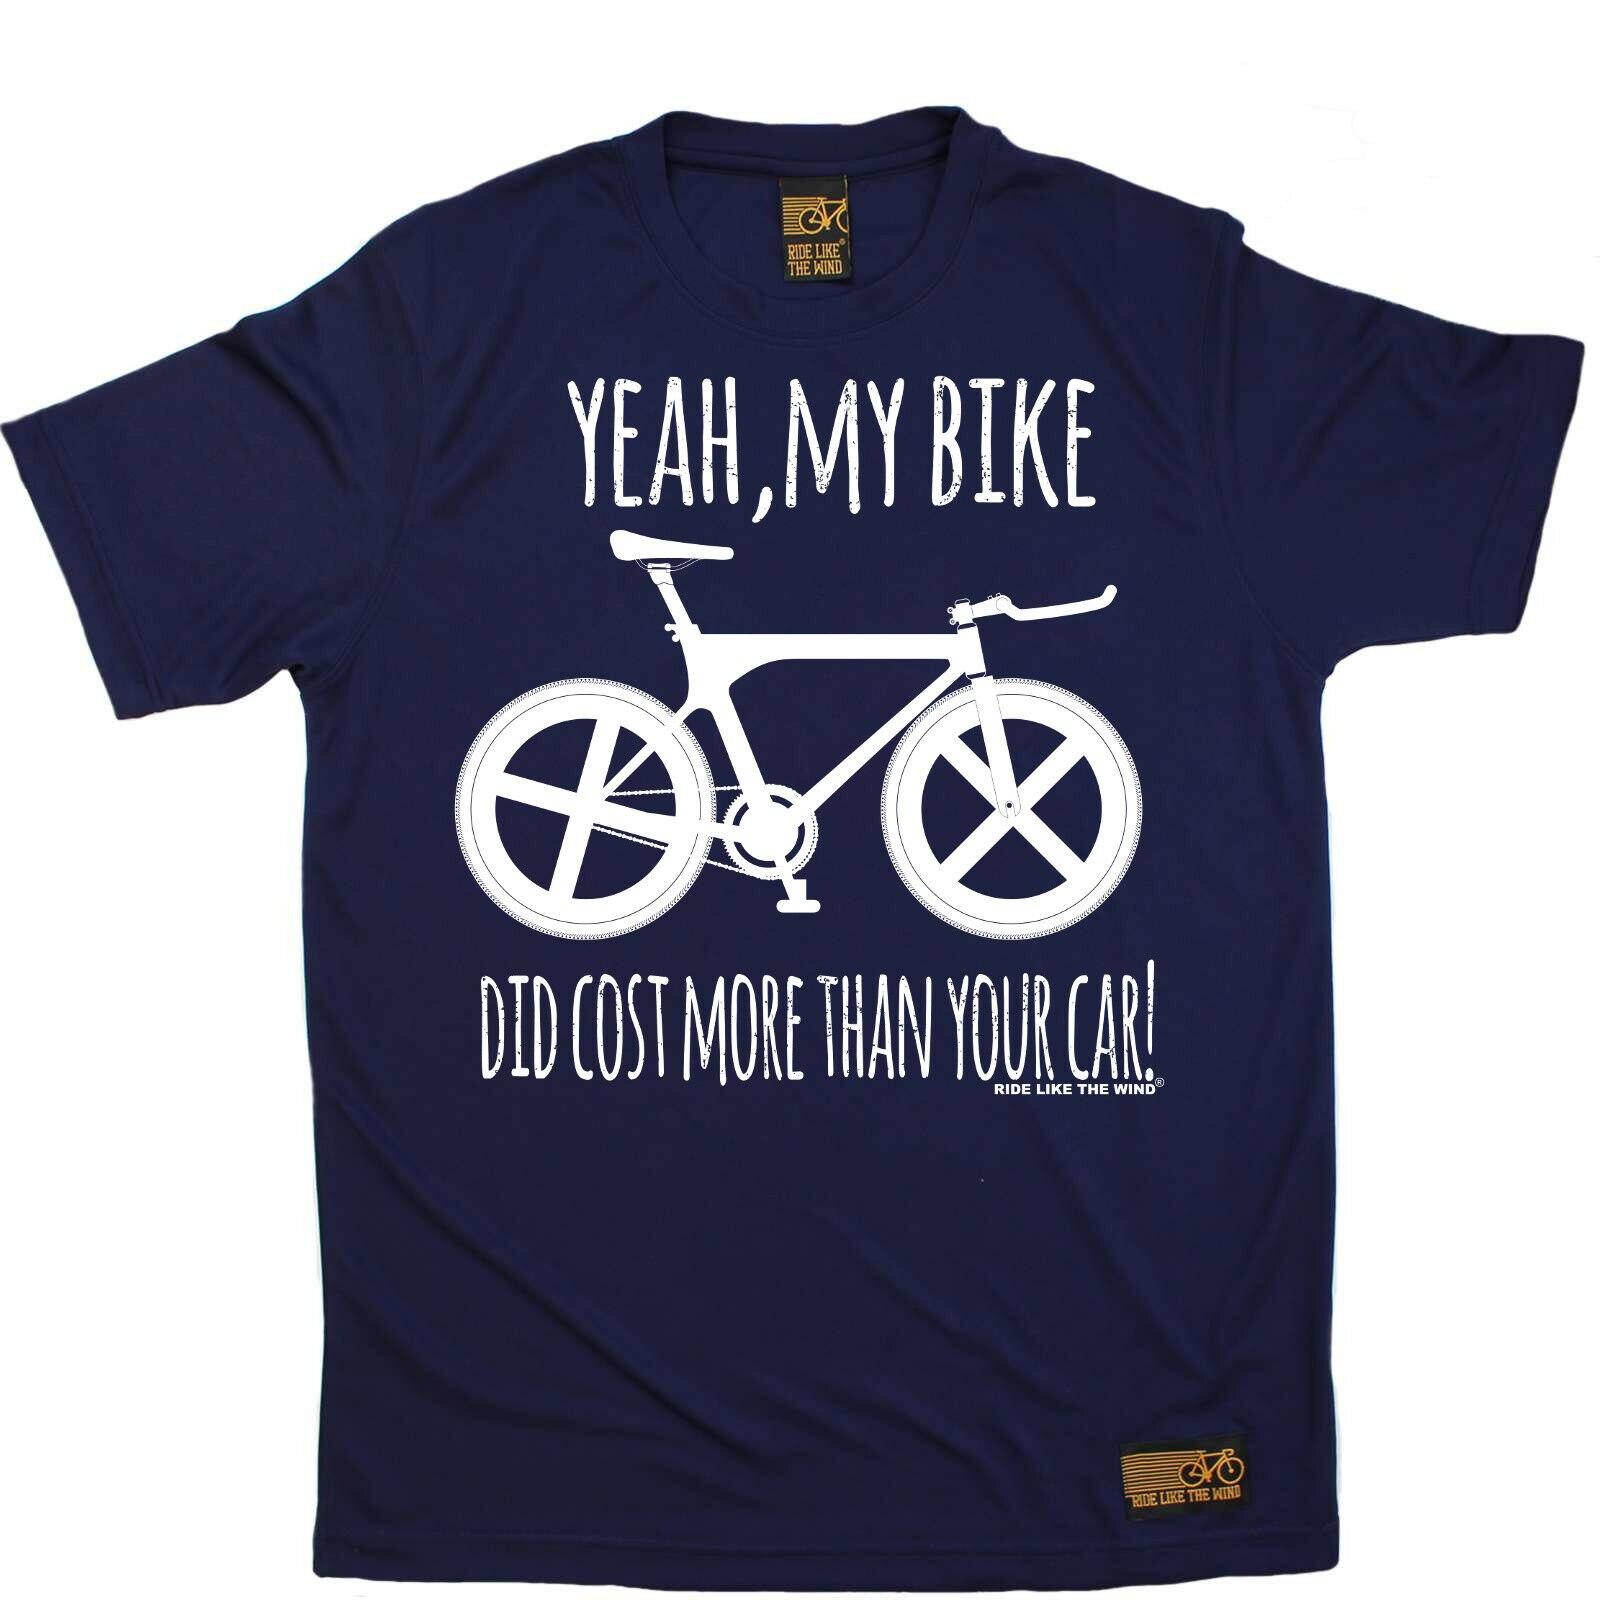 Ciclismo Yeah My Bike hizo costo más transpirable top camiseta DRY FIT camiseta